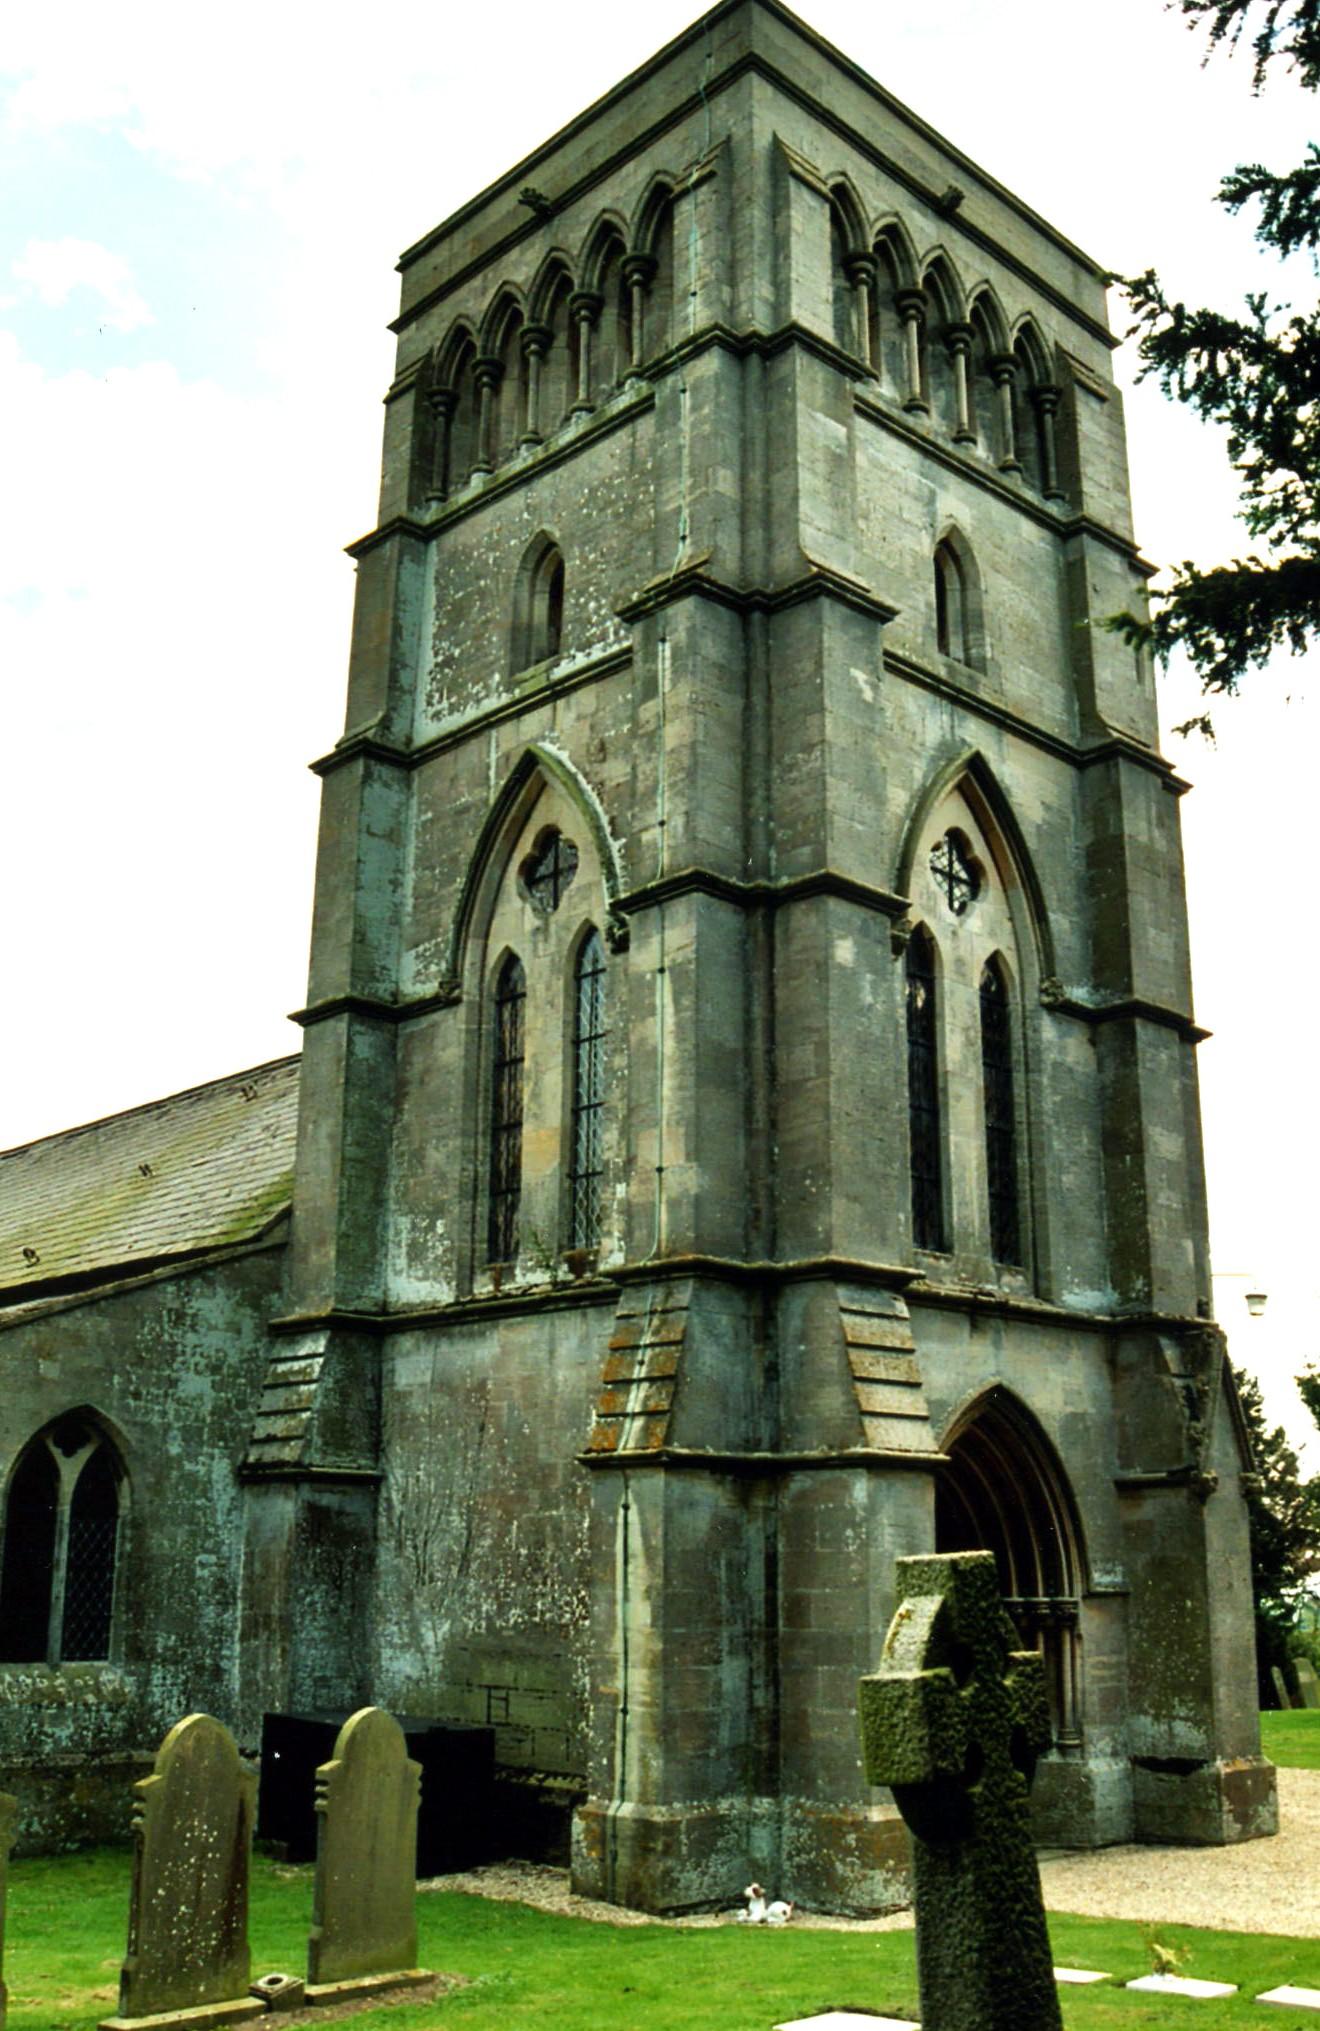 Saint Helen's Church